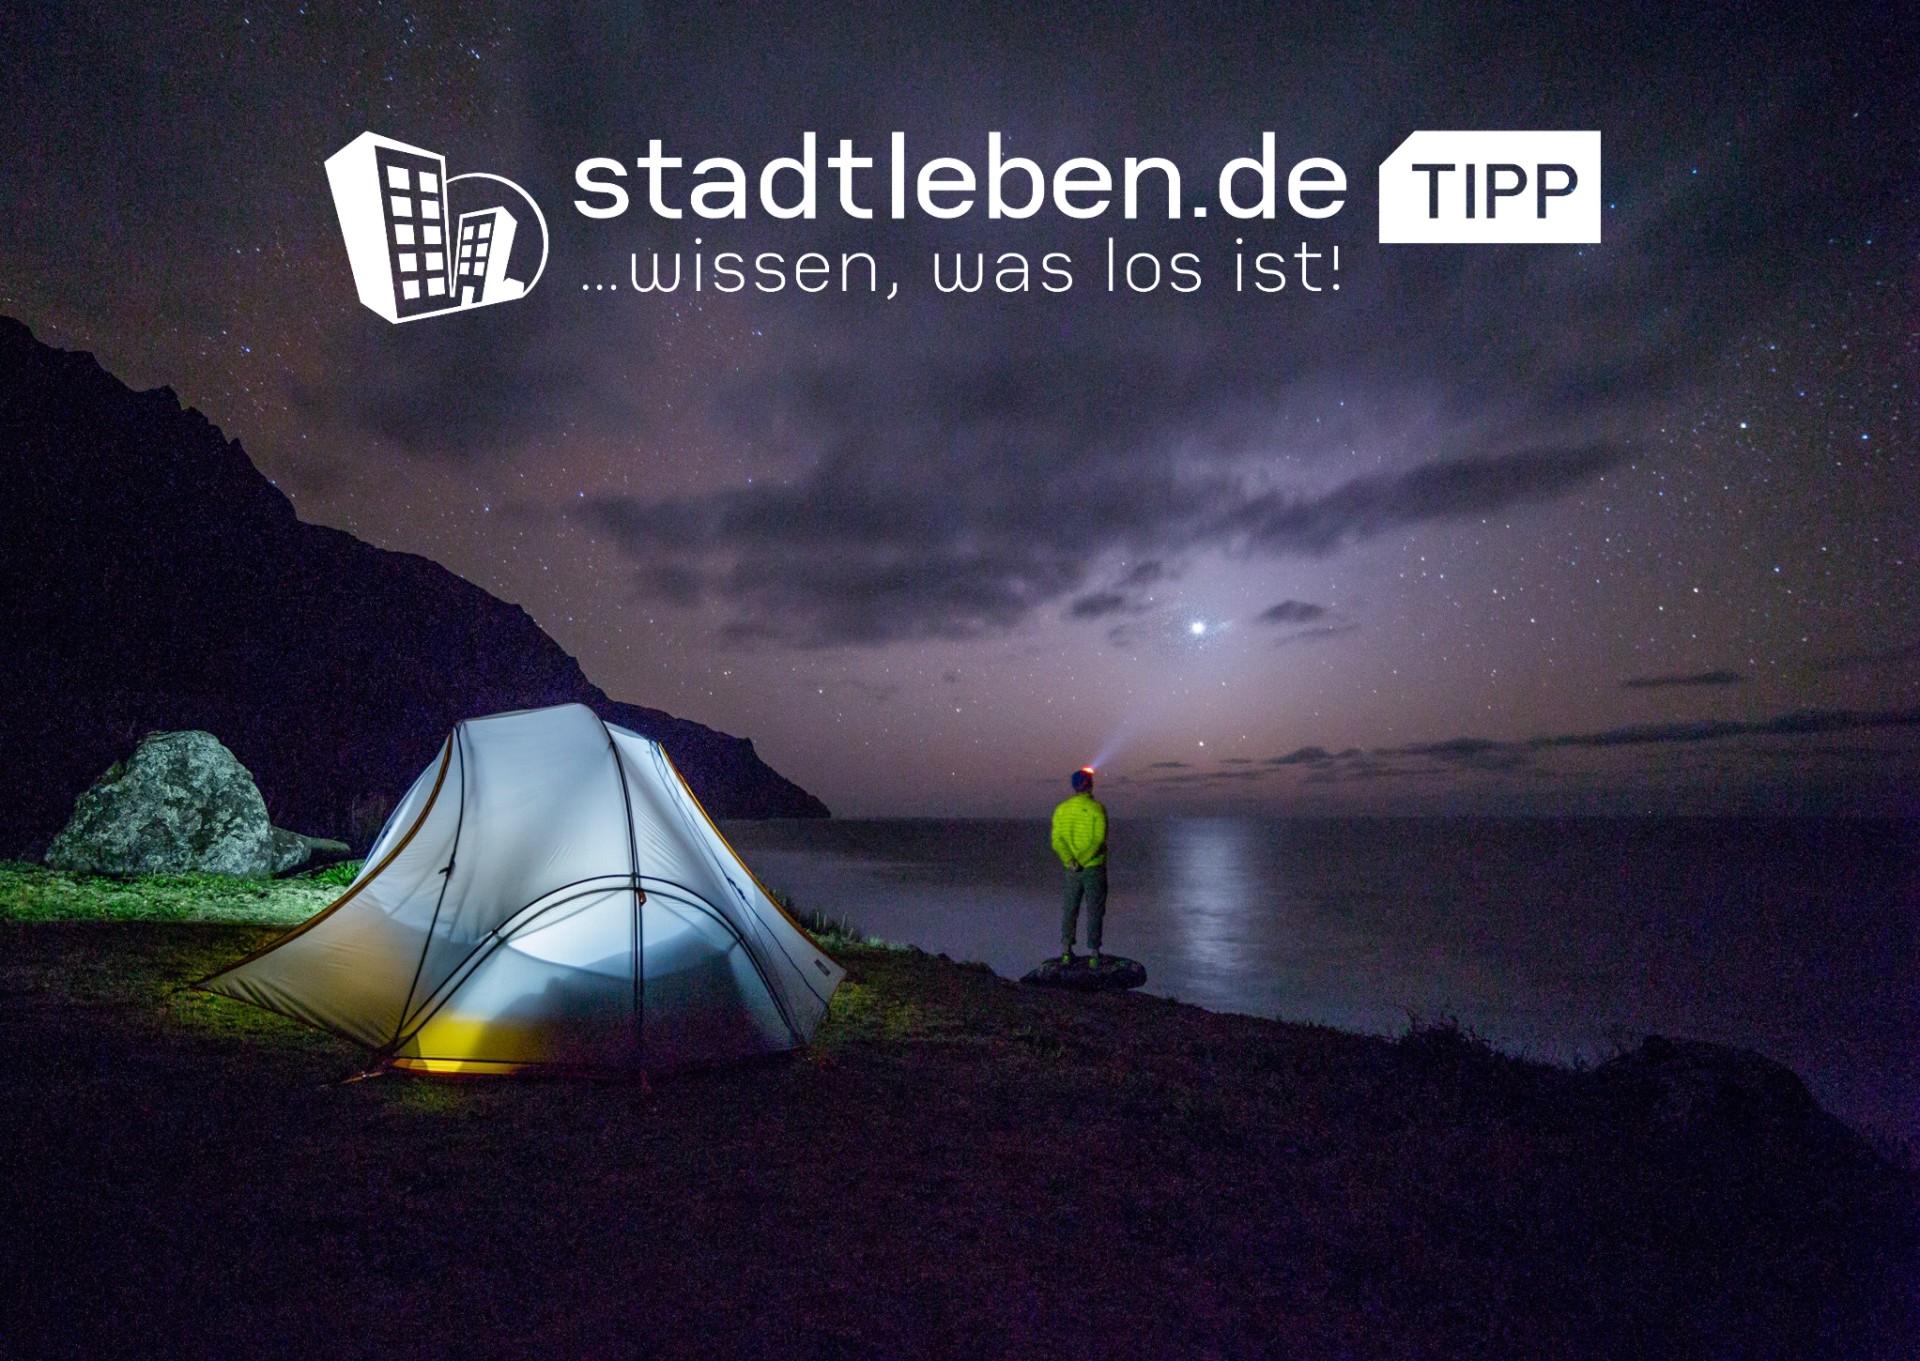 Grillen, Wandern, Entdecken, Lagerfeuer, Campen, Campingplätze, Wasser, Wald, Natur